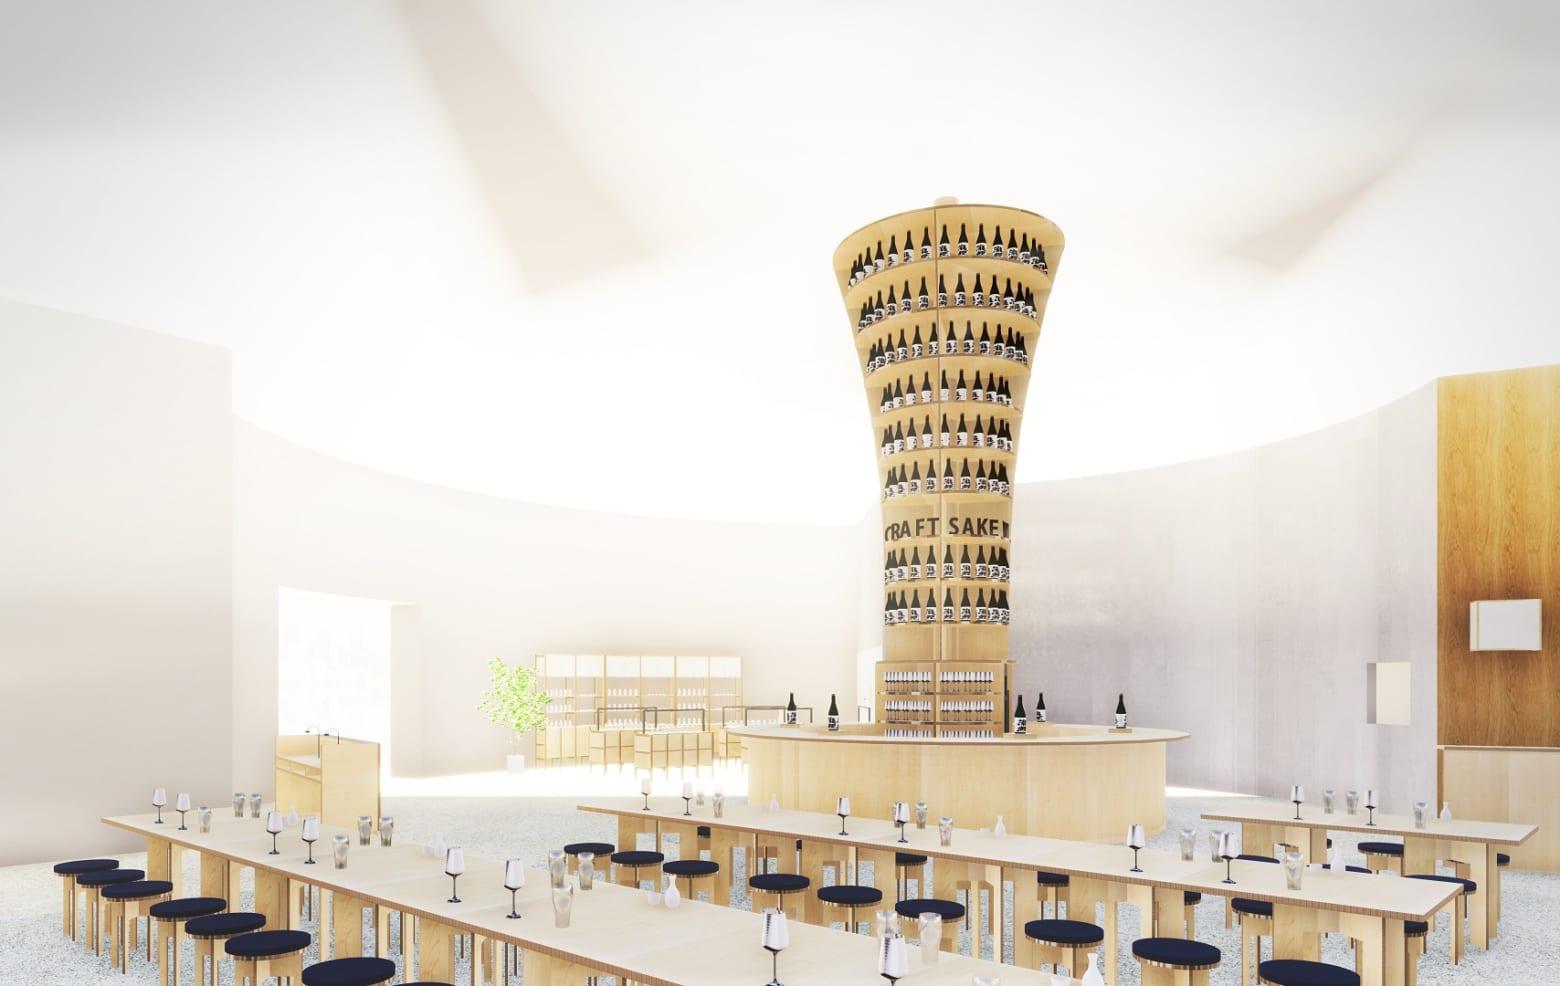 CRAFT SAKE WEEKの会場を再現した7Mの日本酒タワーを中心に広がる壮大な店内